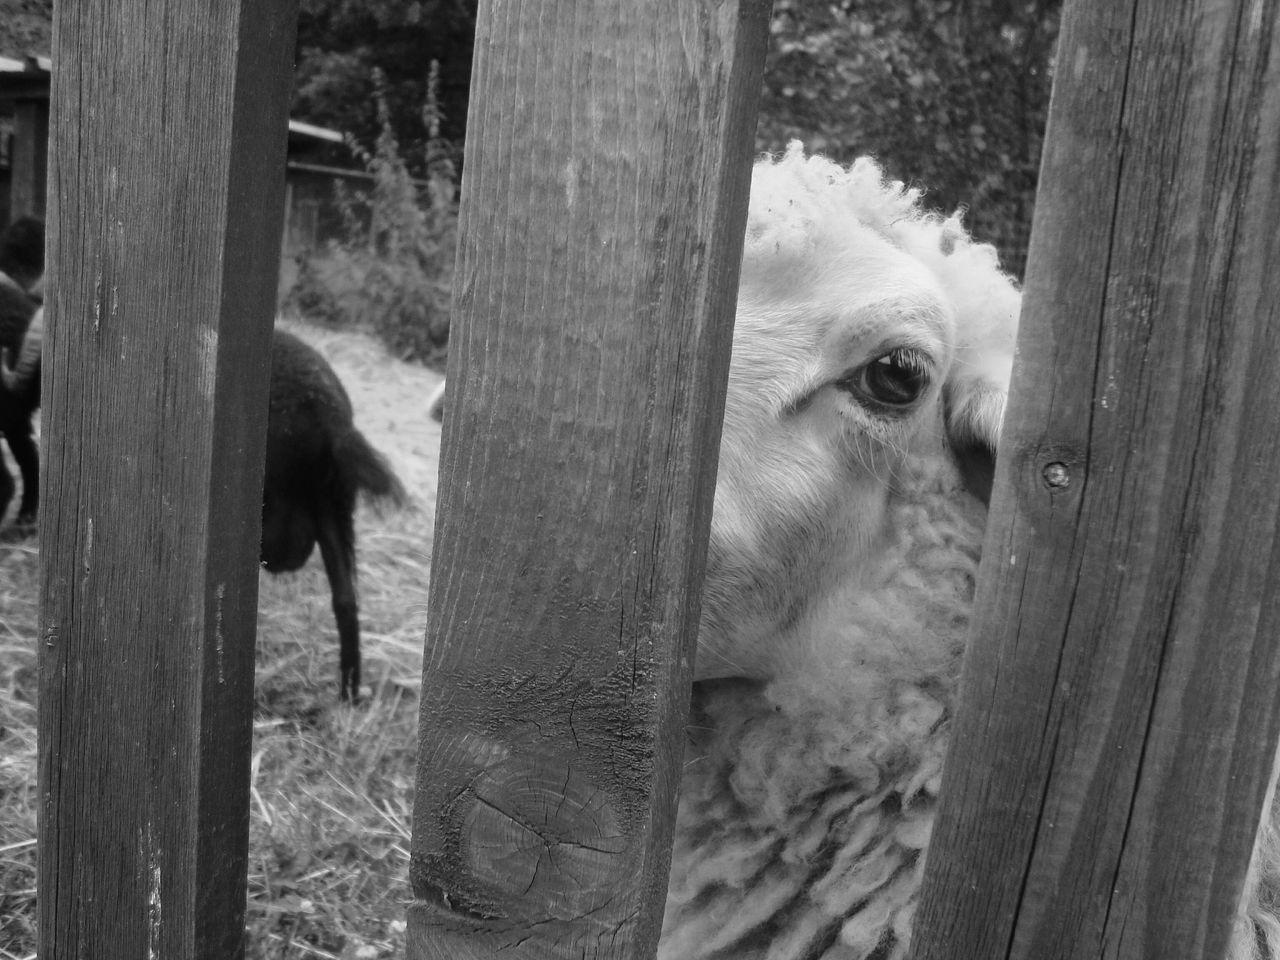 Sheep🐑 Sheep Ranch Sheep Farm Farm Photos Farm Land Naturelover Outdoors Animal Day